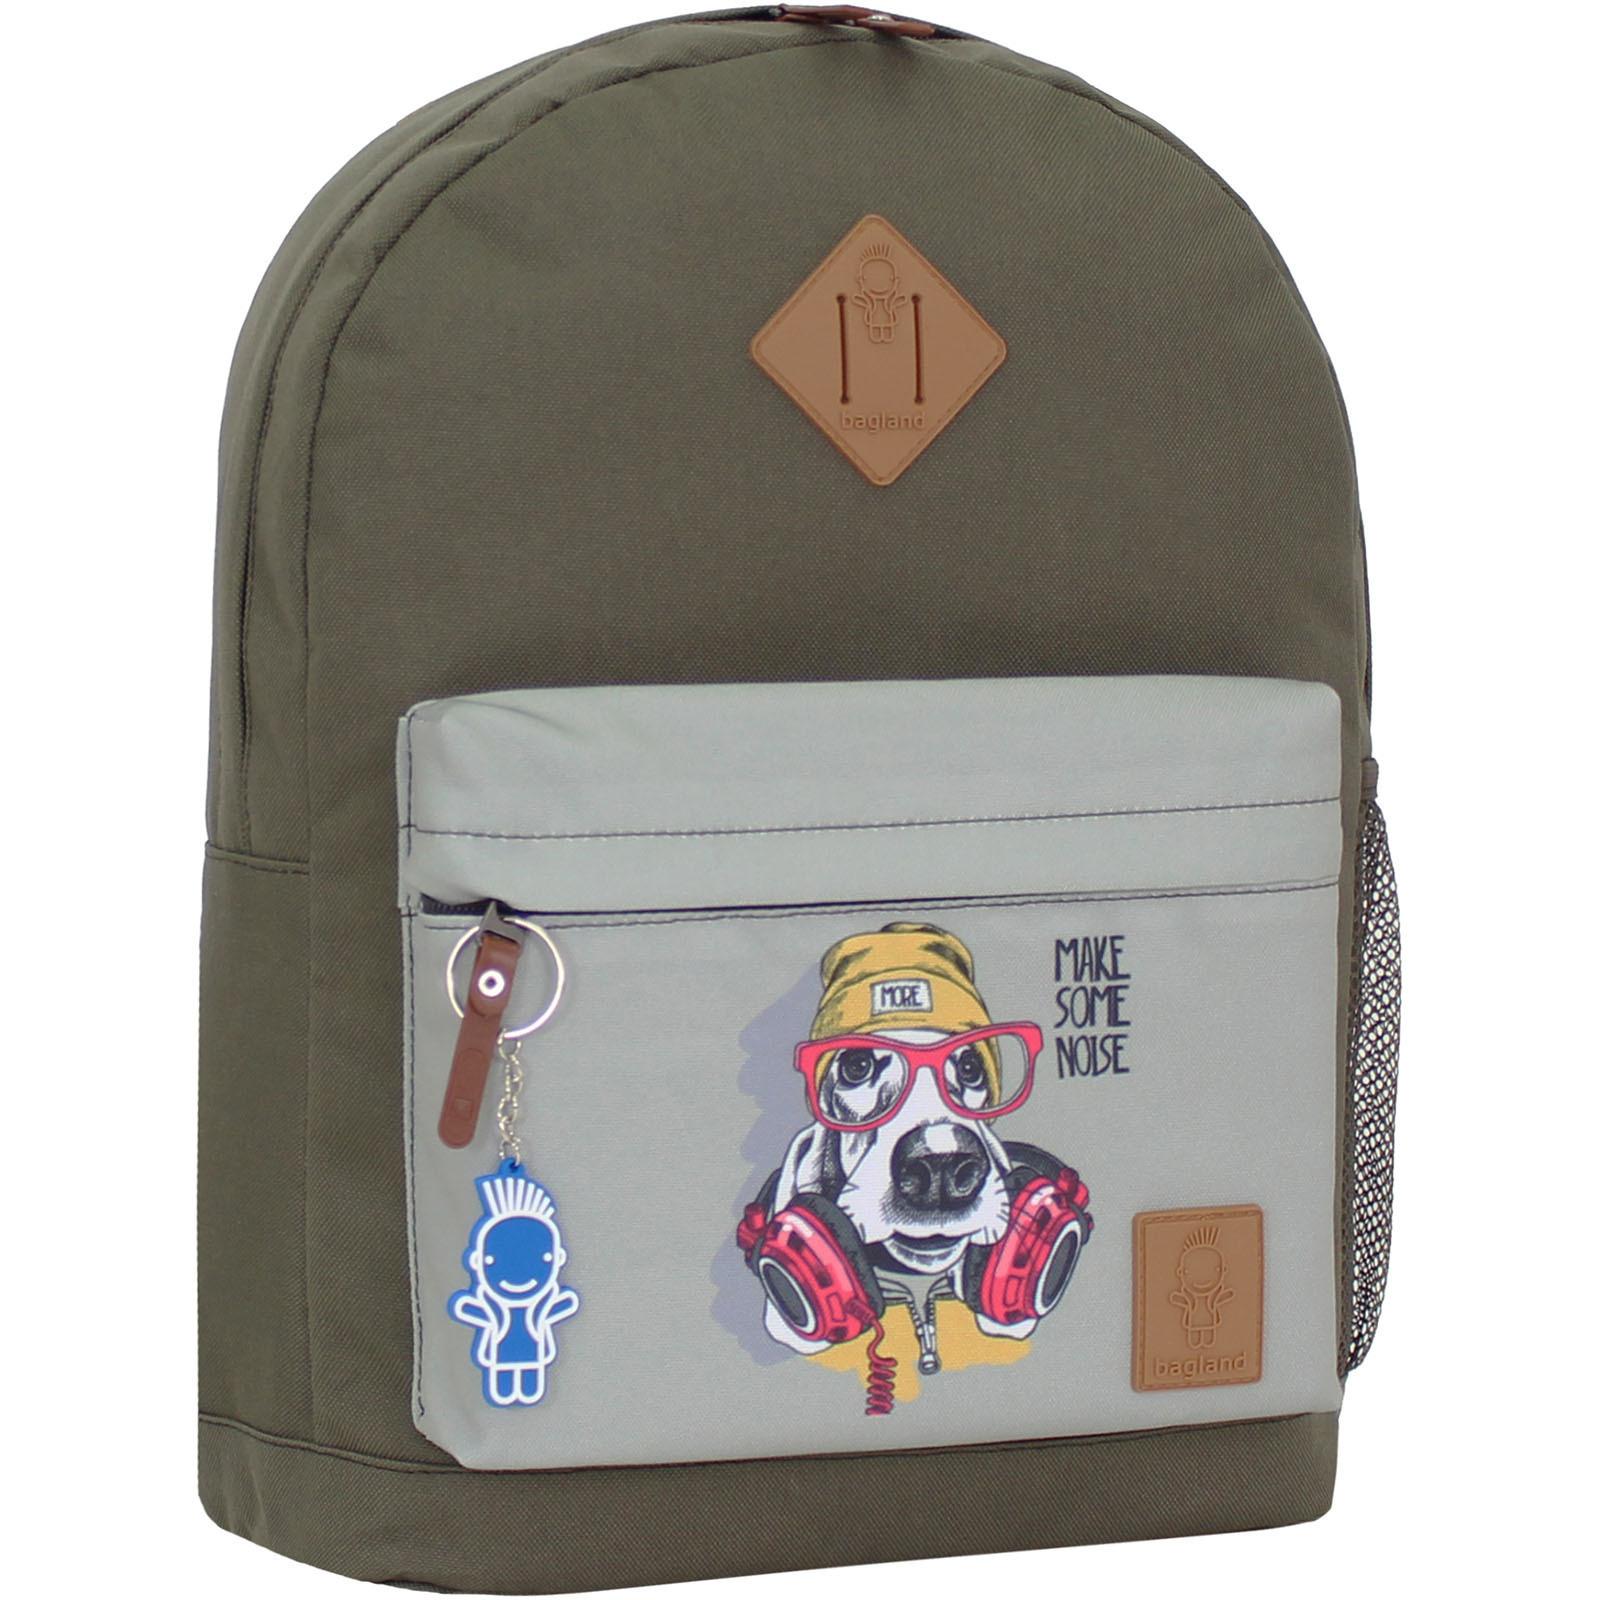 Городские рюкзаки Рюкзак Bagland Молодежный W/R 17 л. хаки 202к (00533662) IMG_1037_202к.JPG